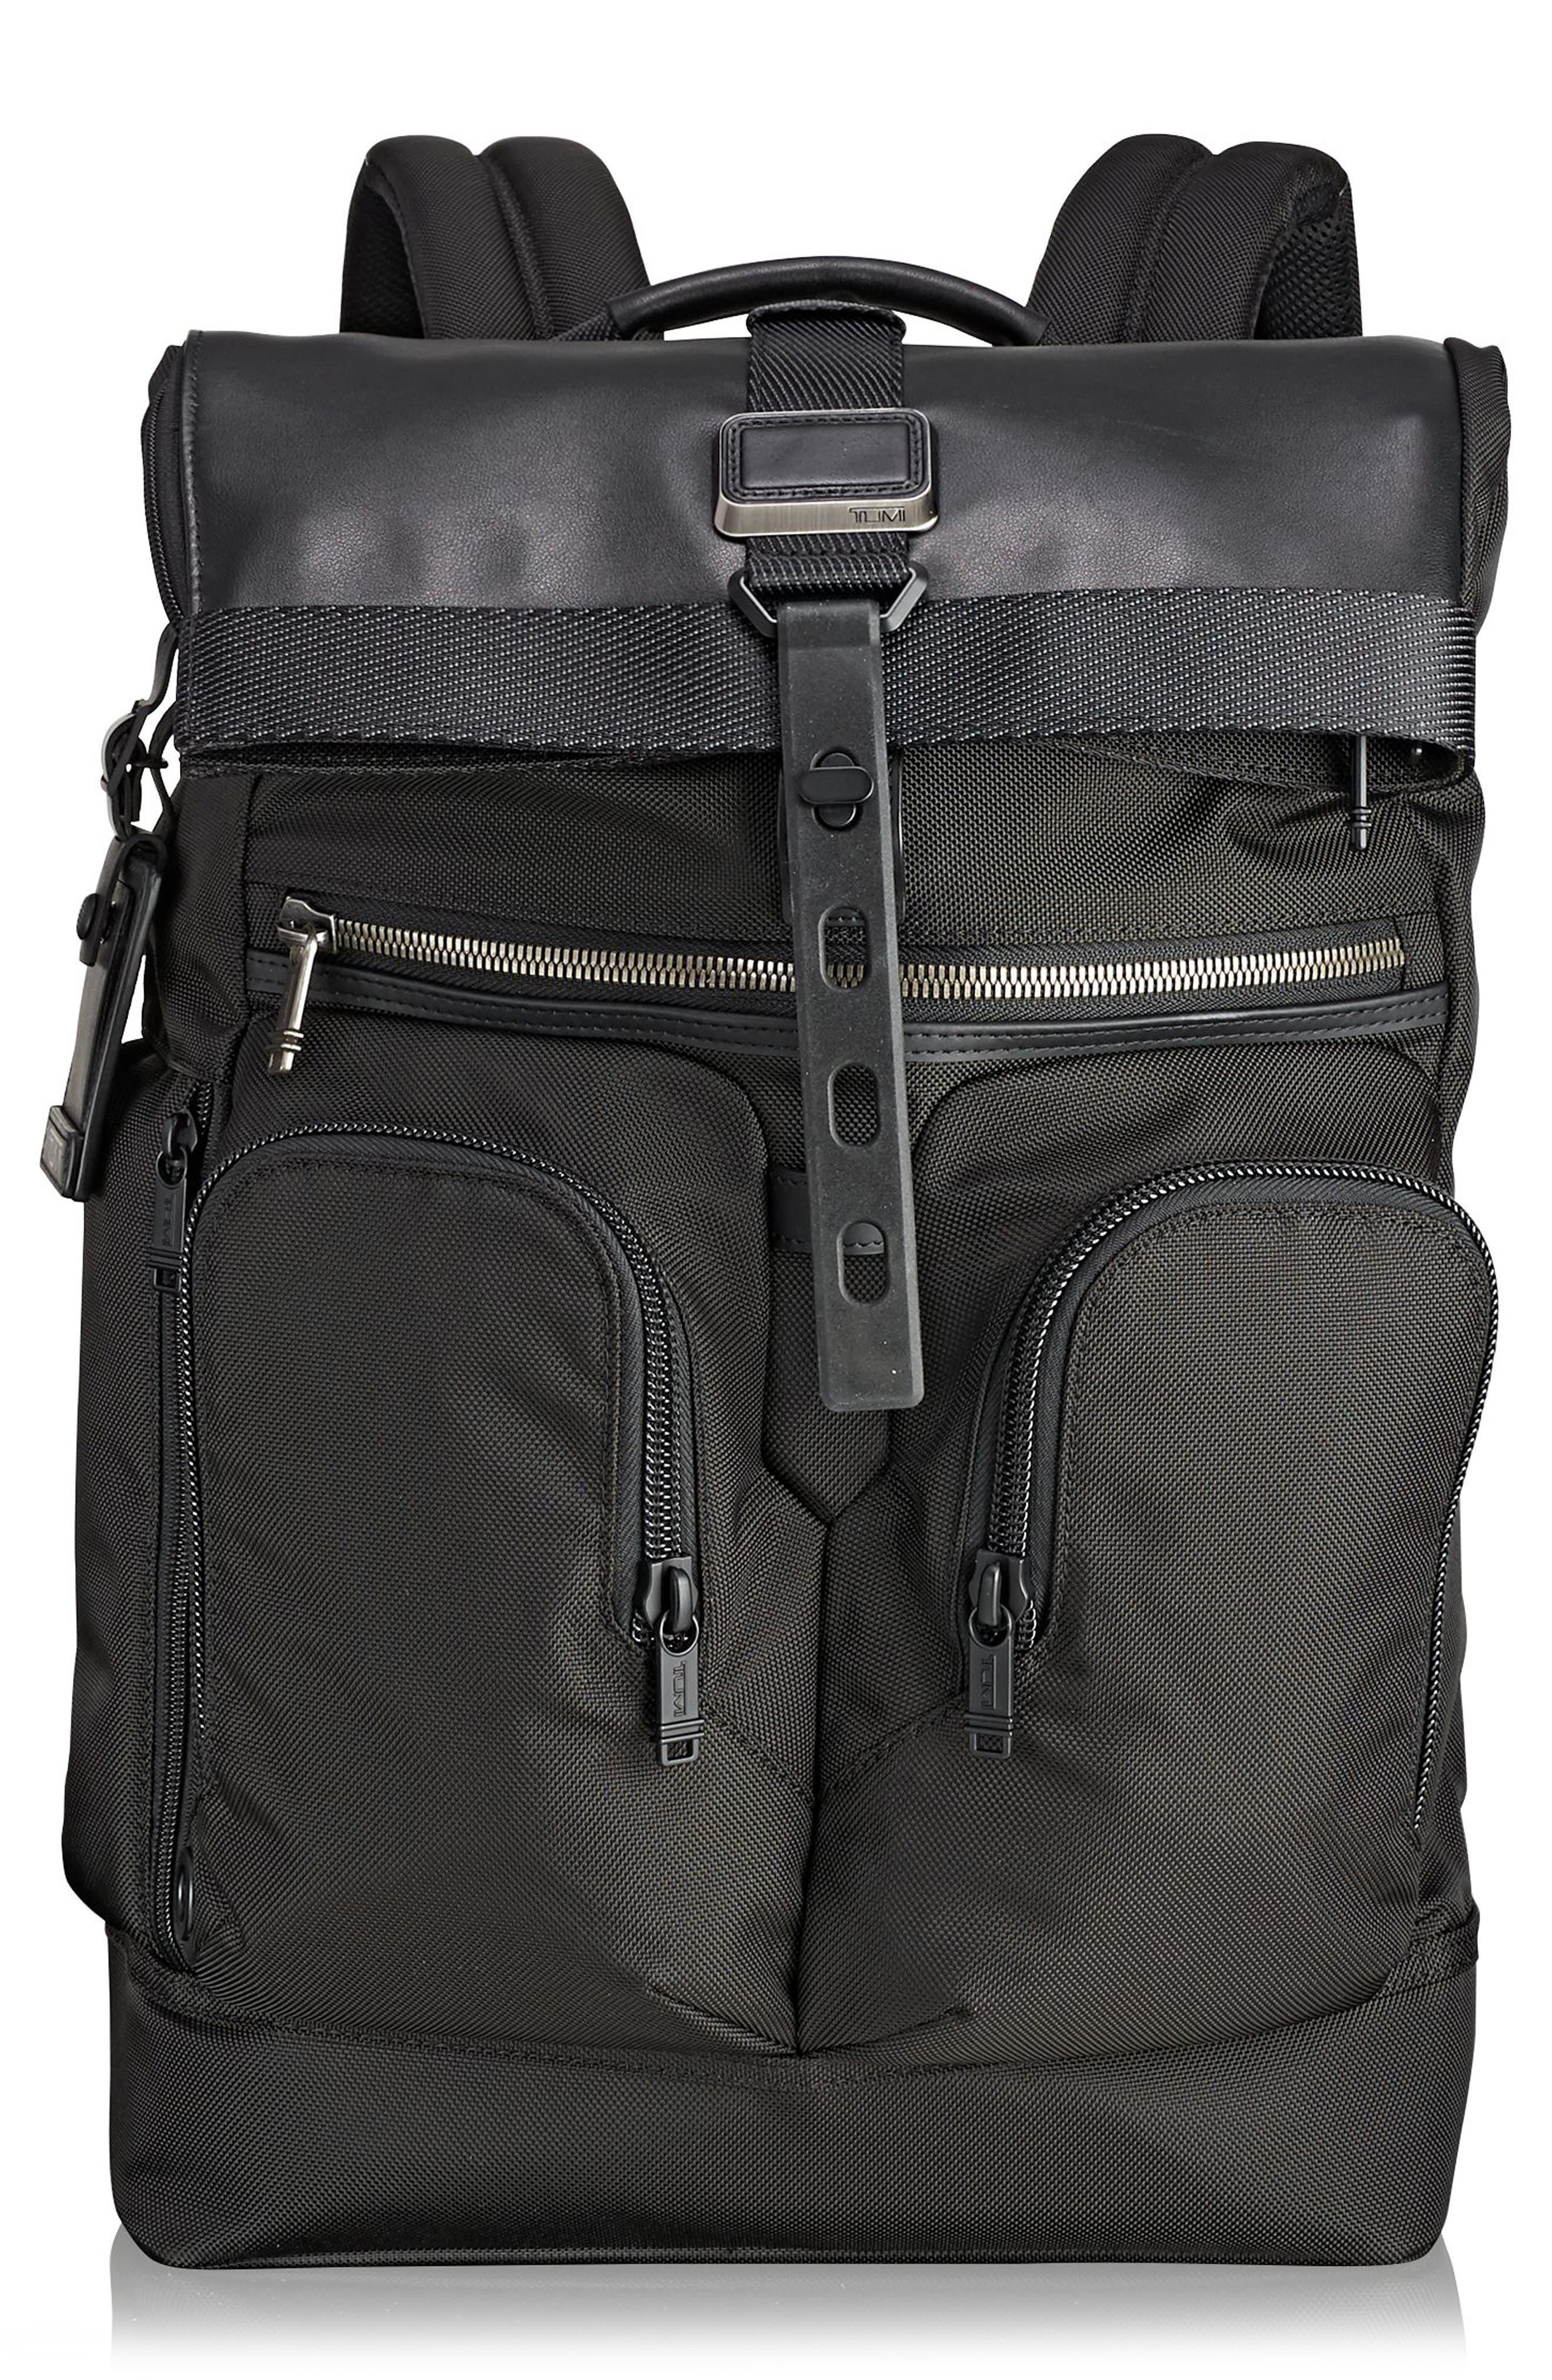 Alpha Bravo - London Backpack,                         Main,                         color, BLACK